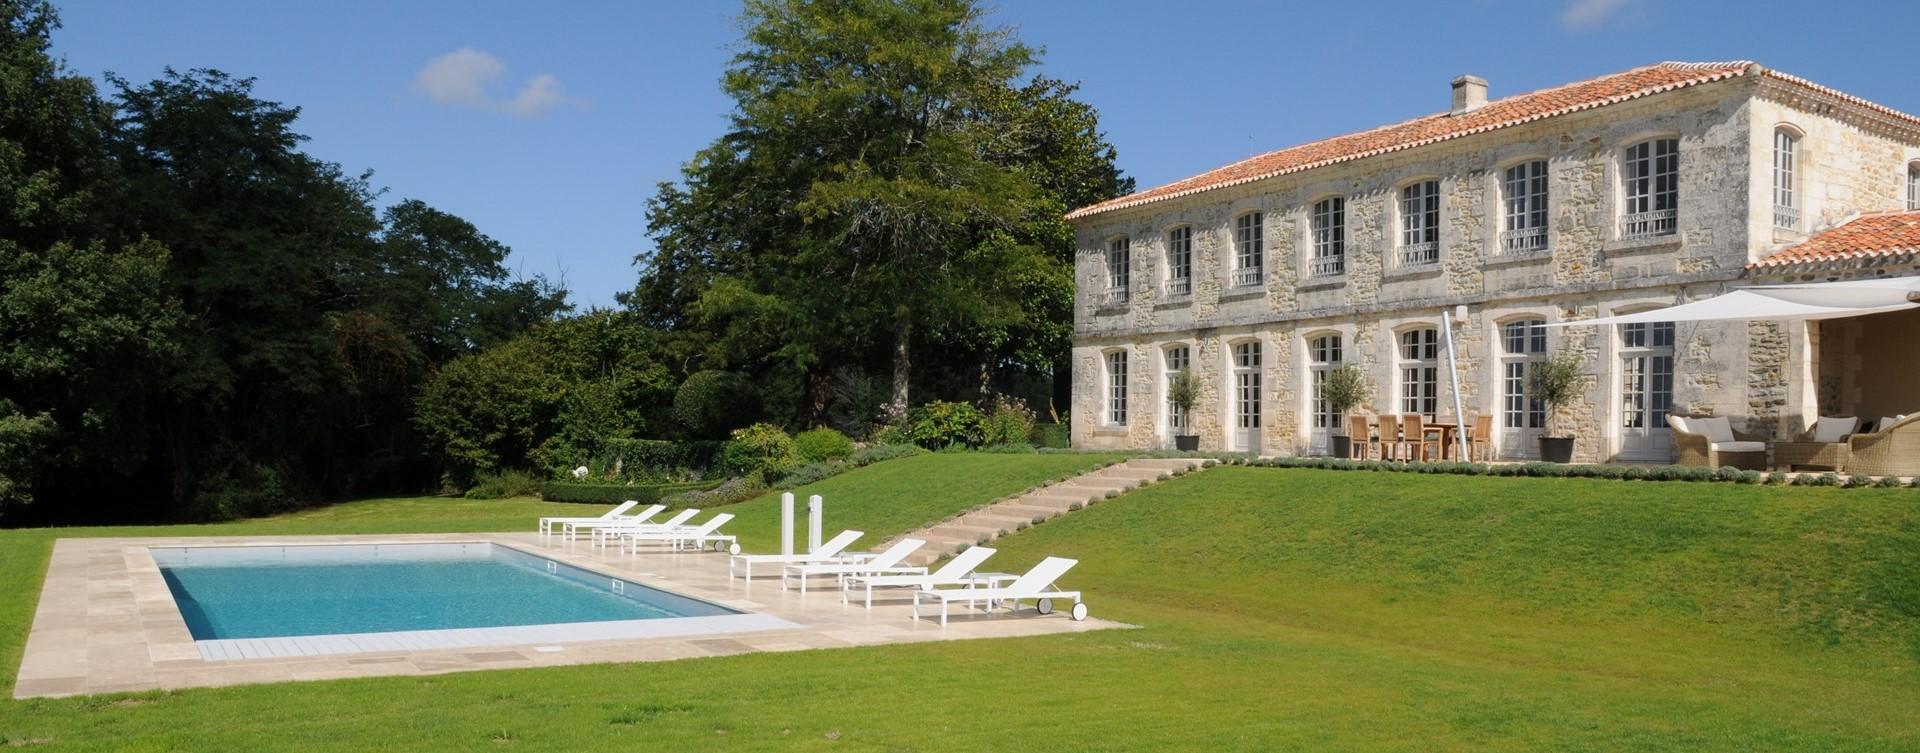 villa-domaine-de-bagatelle-pool-terrace.